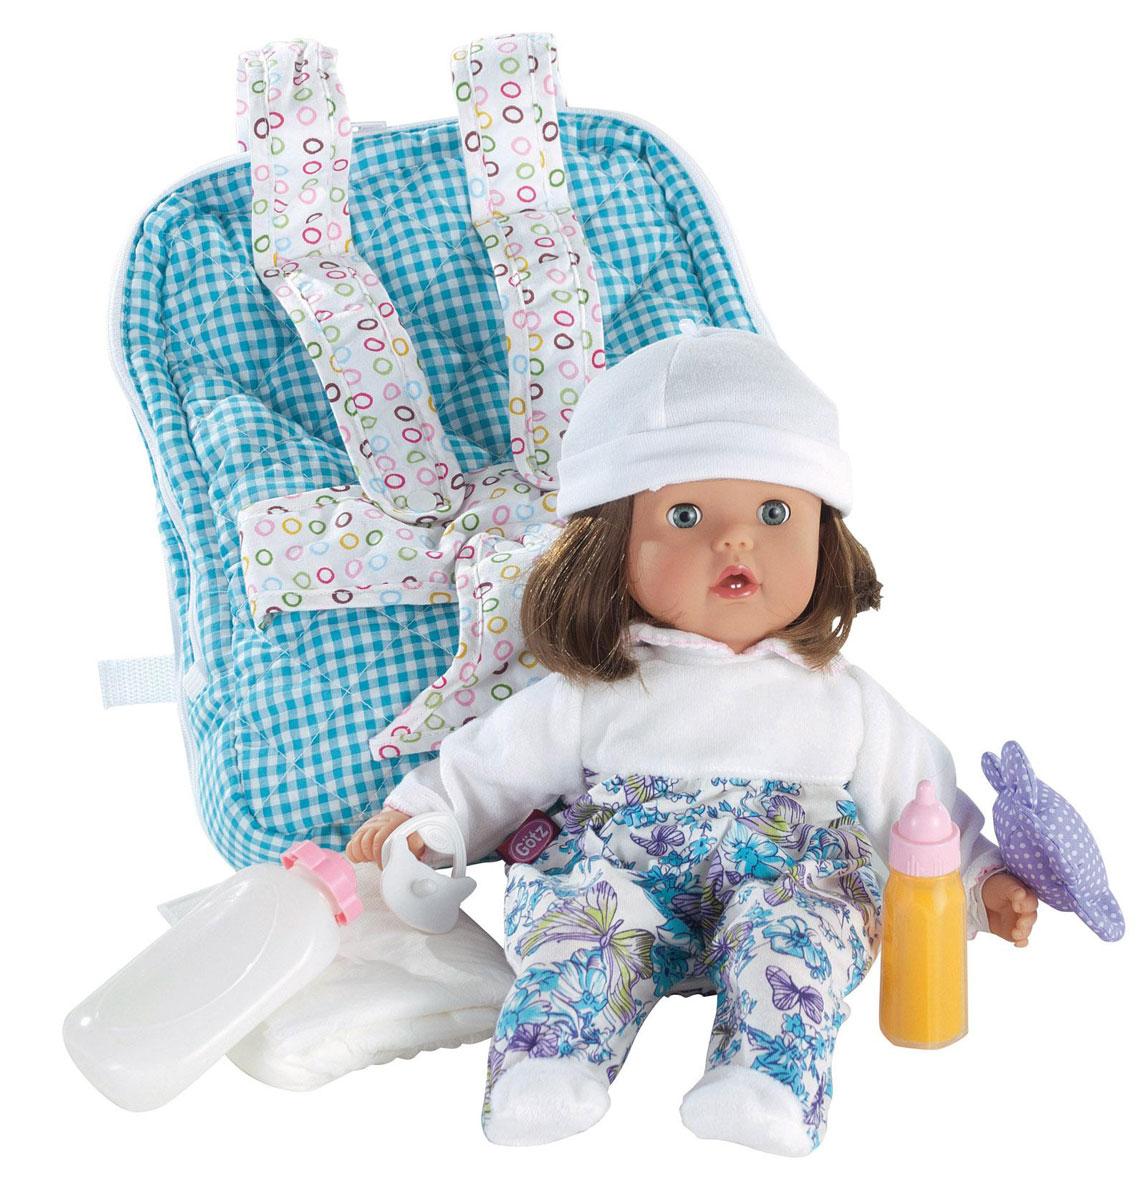 Gotz Игровой набор с пупсом Малышка Ханна1220186Кукла Малышка Ханна с аксессуарами будет сопровождать ребенка на протяжении всего дня. С куклой можно играть и брать с собой на прогулку. Кукла Gotz приятна на ощупь и располагает к общению. Кукла в очаровательном костюмчике может принимать различные позы. Игрушку можно переодевать, укладывать спать. Ребенок сможет придумать много интересных игр с приятной на ощупь игрушкой. У куклы Gotz мягкое тело, голова, руки и ножки из винила, ее приятно обнимать, прижимать к себе. Пупс полностью повторяет вид маленького ребенка. Детально проработанные положения пальчиков, мимика детского личика с голубыми закрывающимися глазами с ресницами располагают к общению, ребенок с удовольствием ощупывает и изучает игрушку. Кукла и аксессуары для игры выполнены из качественных, безопасных для игр материалов, которые соответствуют европейским стандартам качества. Кукла, одежда и аксессуары Gotz выполнены из качественных материалов с учетом необходимых стандартов,...